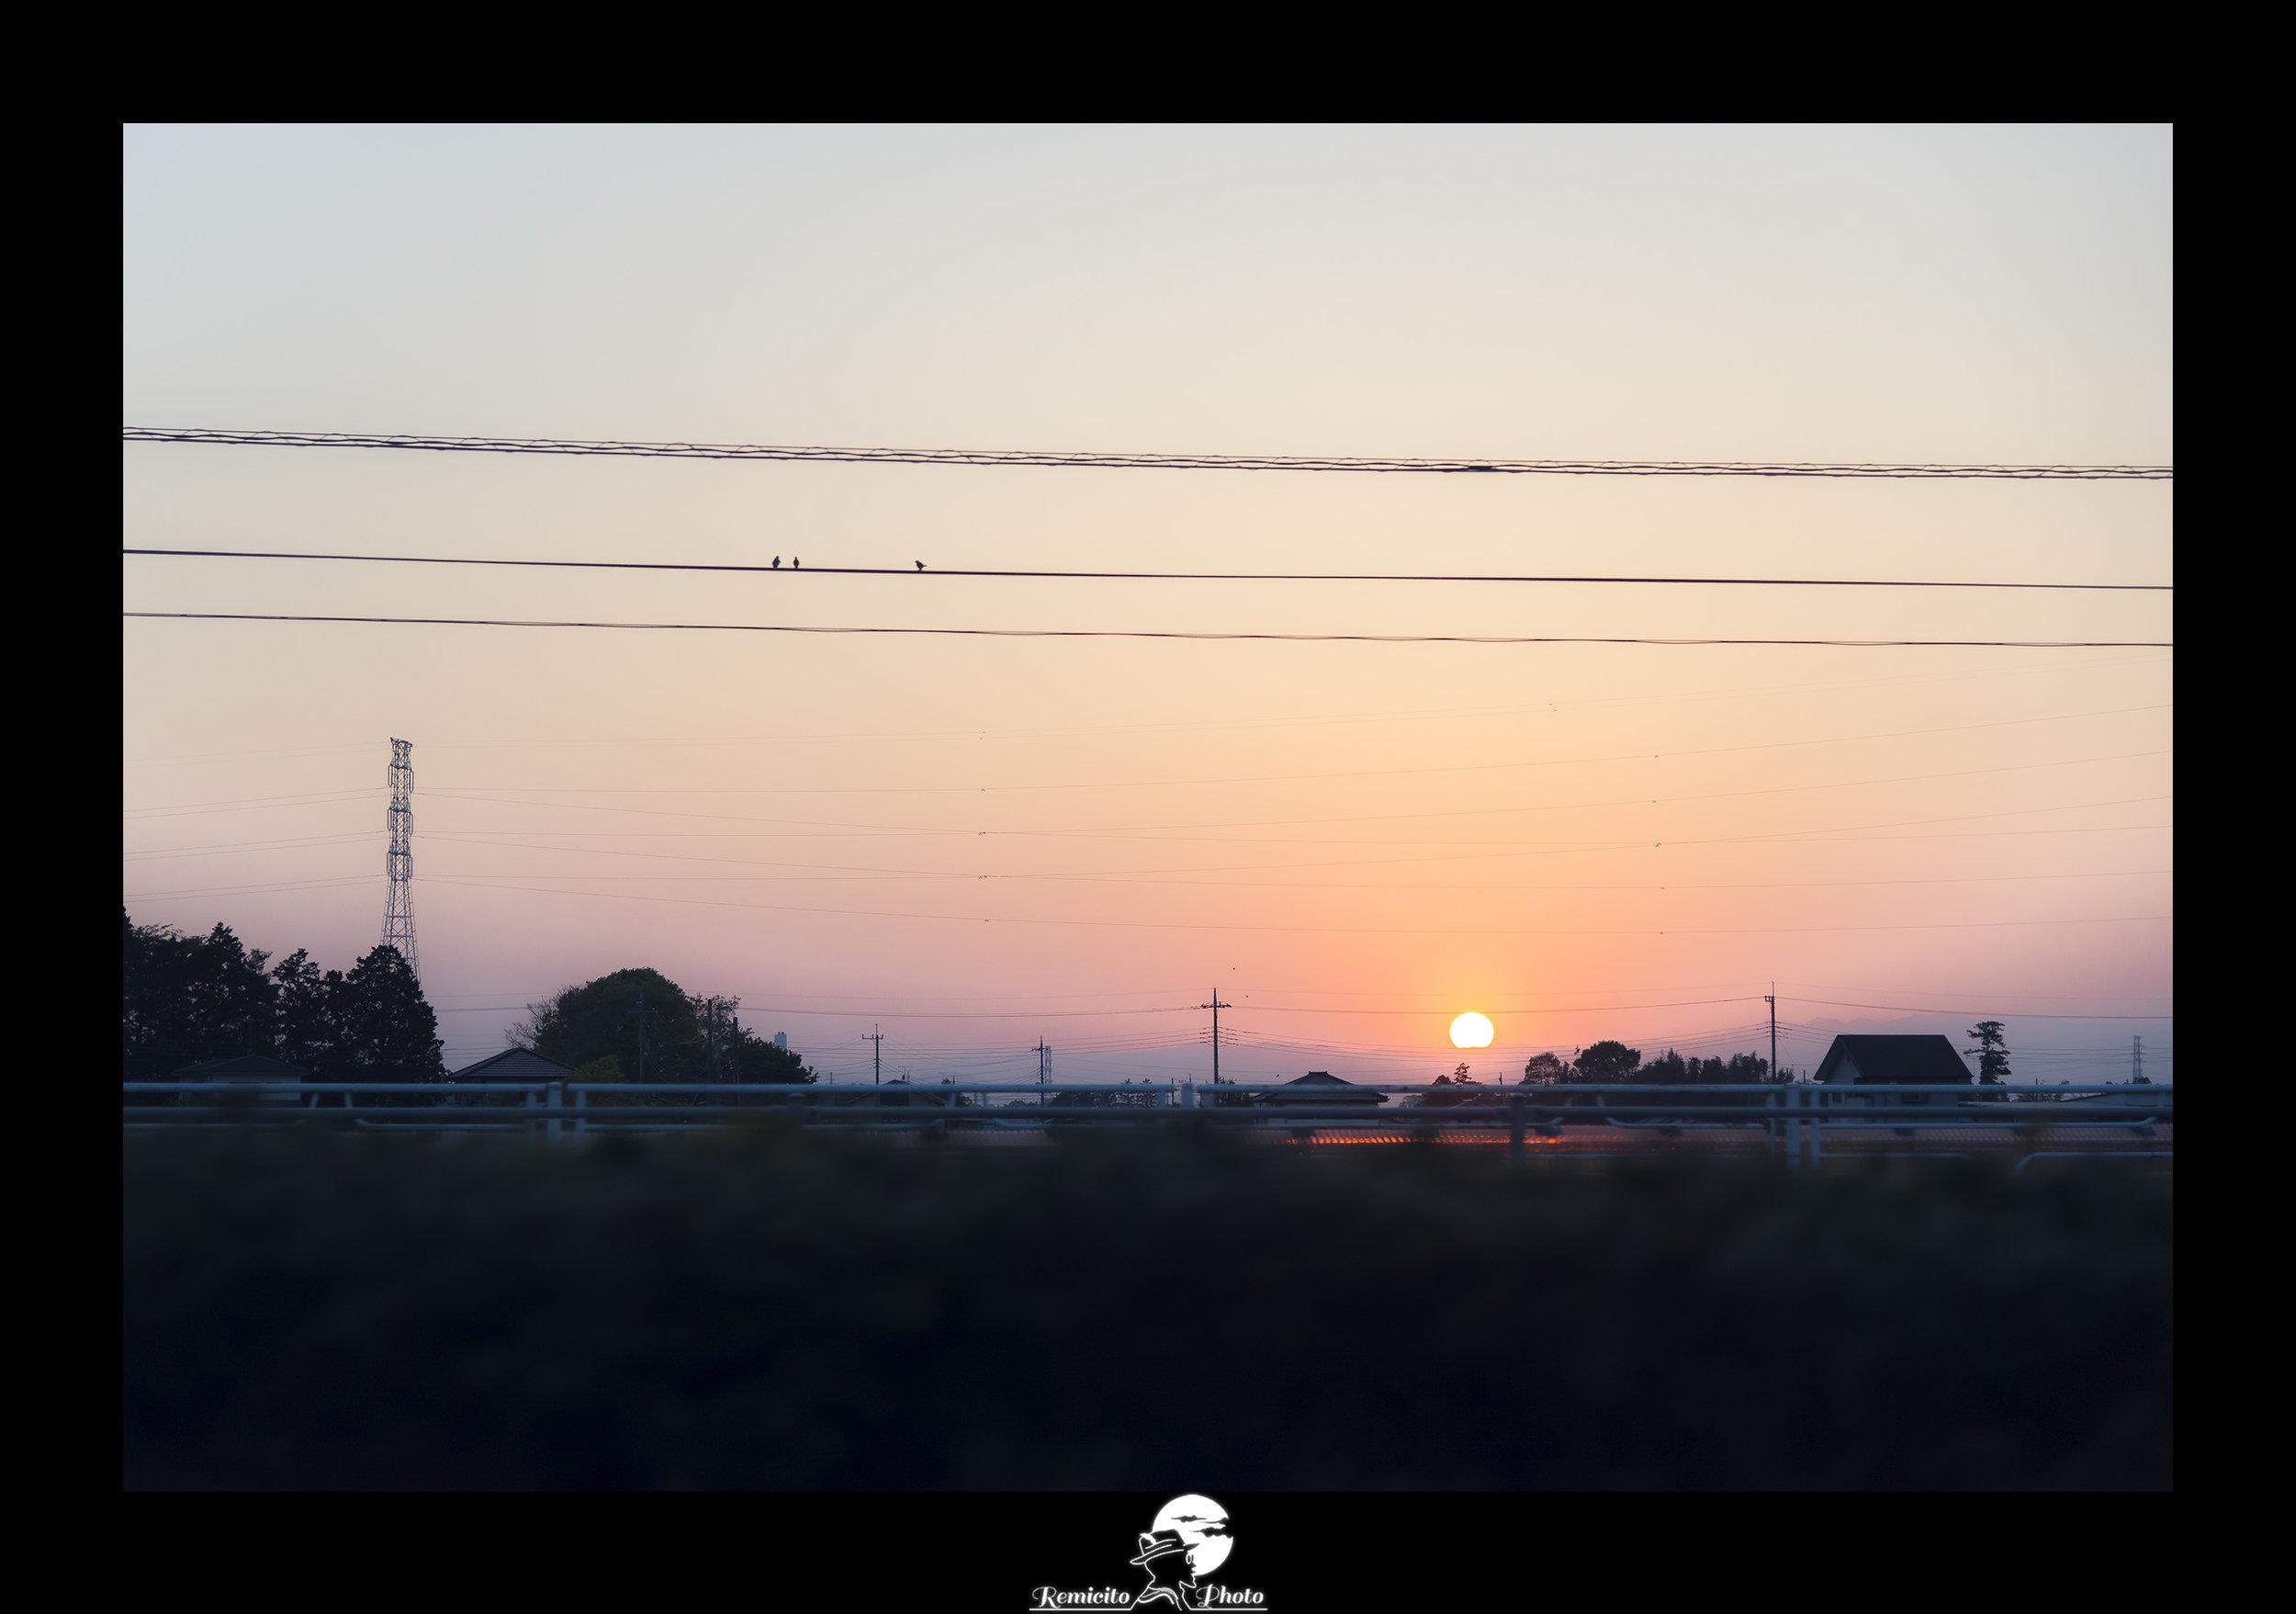 Remicito photo, remicito rémi lacombe photographe voyage, belle photo voyage coucher de soleil, idée cadeau photo oiseaux coucher de soleil, photo voyage japon soleil